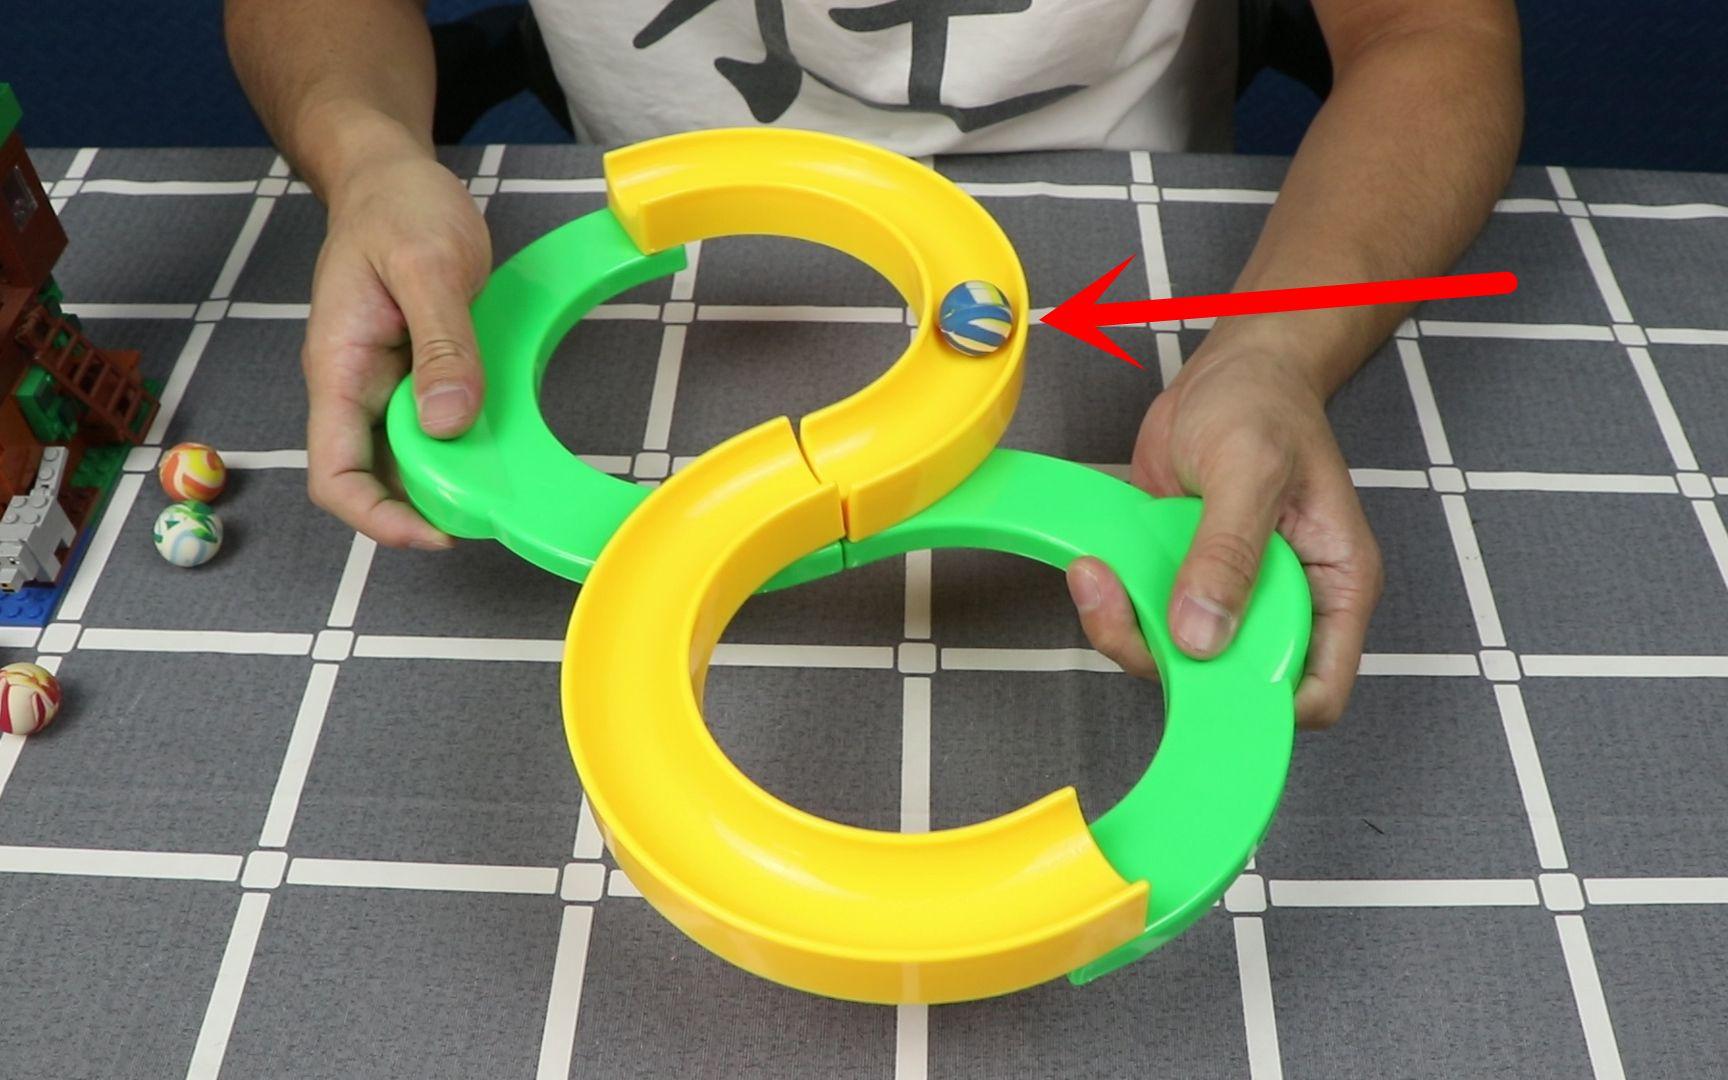 试玩反应速度训练器,可以提升反应速度和手眼协调,一玩停不下来